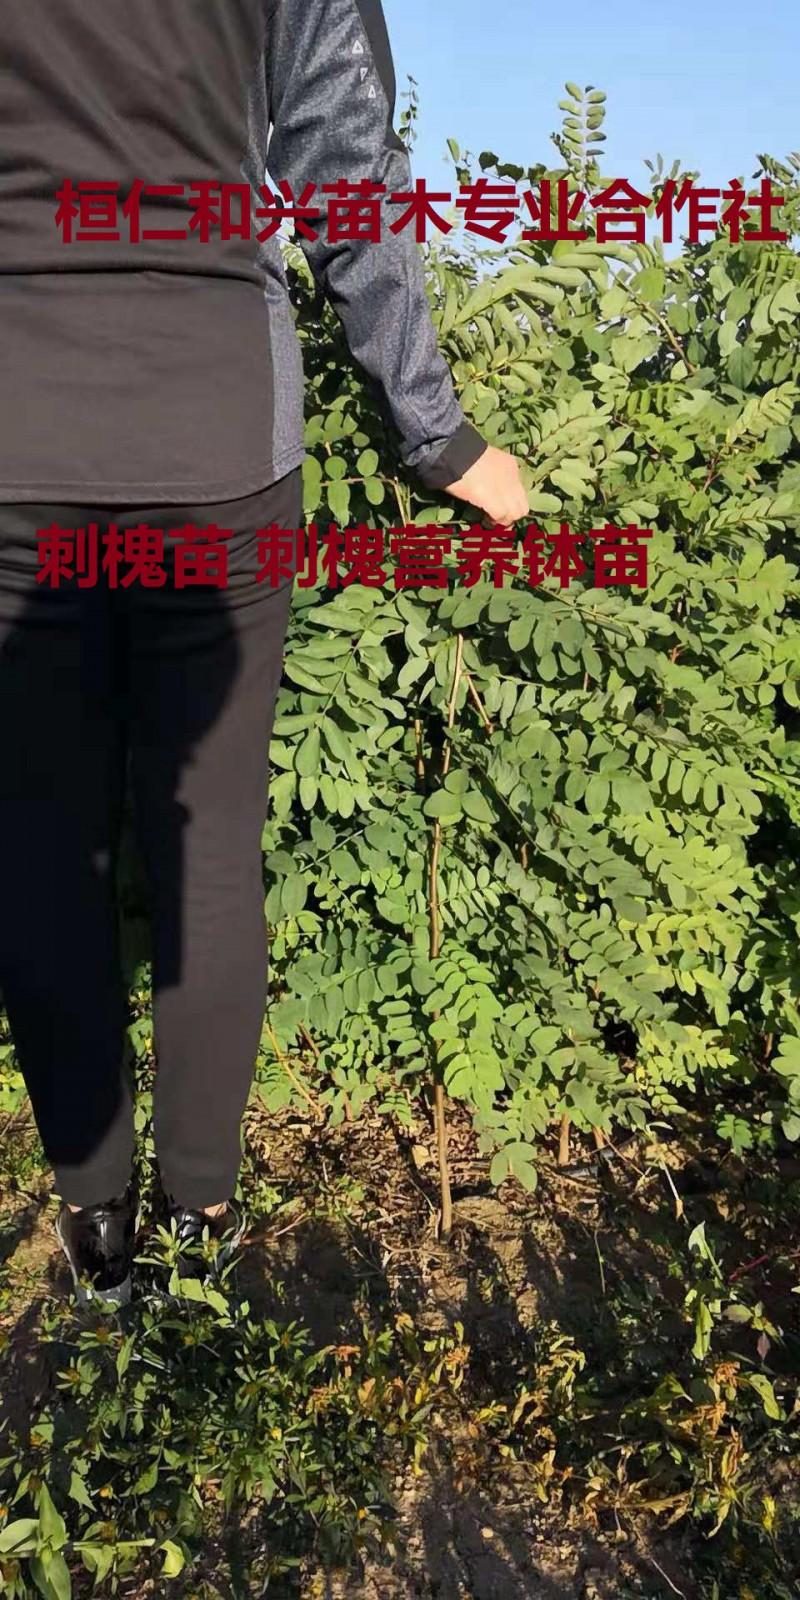 刺槐苗发货快_成活高_优选辽宁桓仁和兴苗木专业合作社